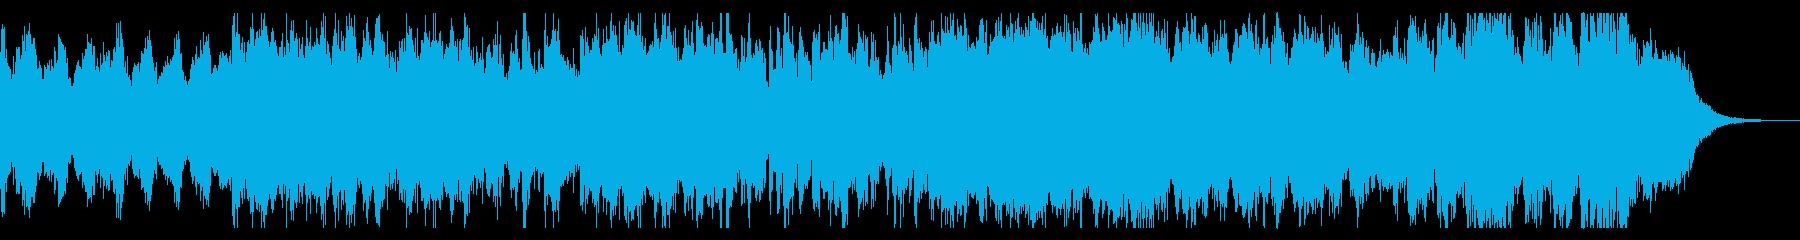 闘技場をイメージしたオーケストラBGMの再生済みの波形